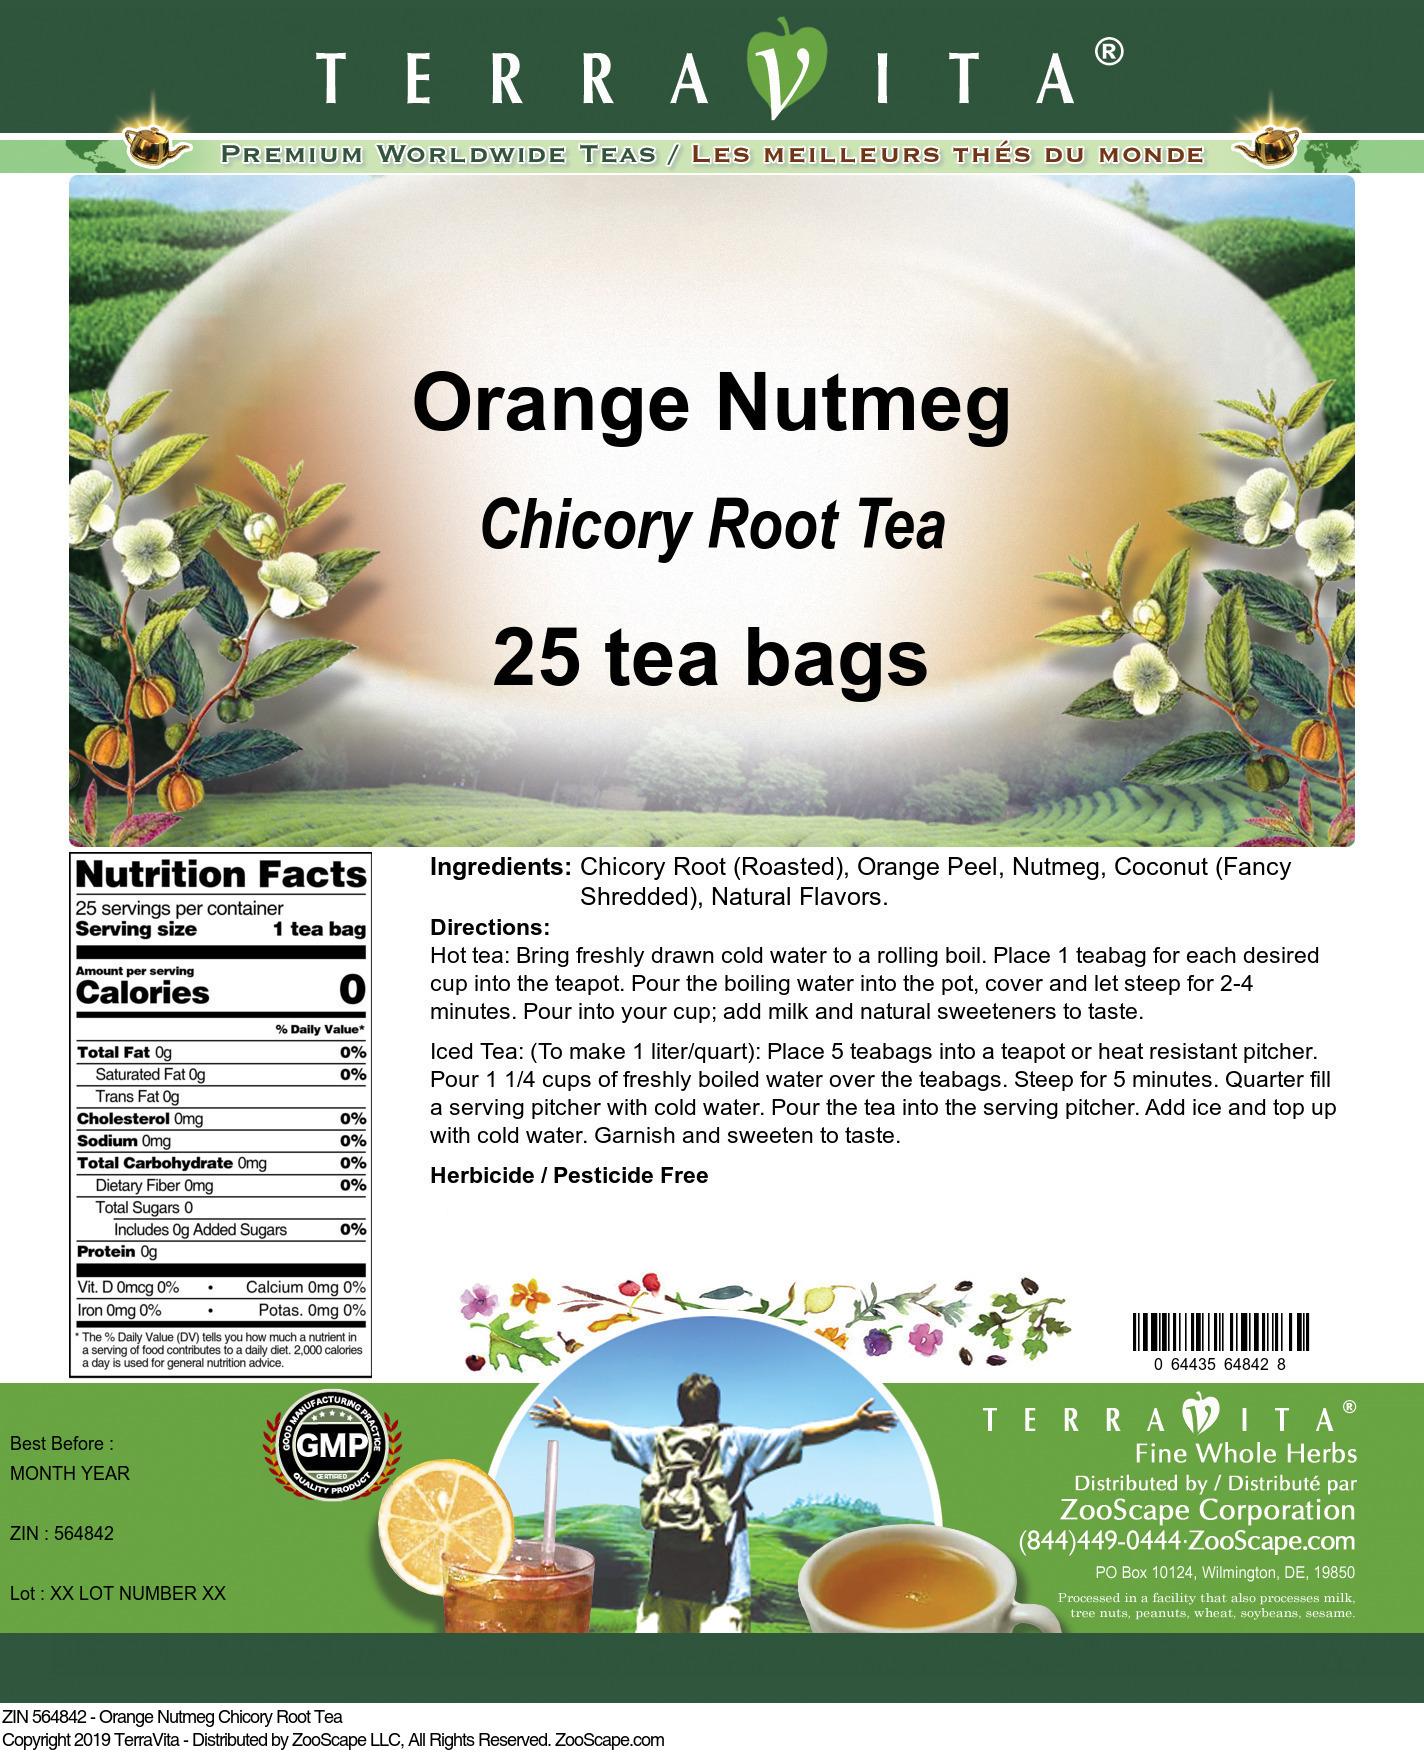 Orange Nutmeg Chicory Root Tea